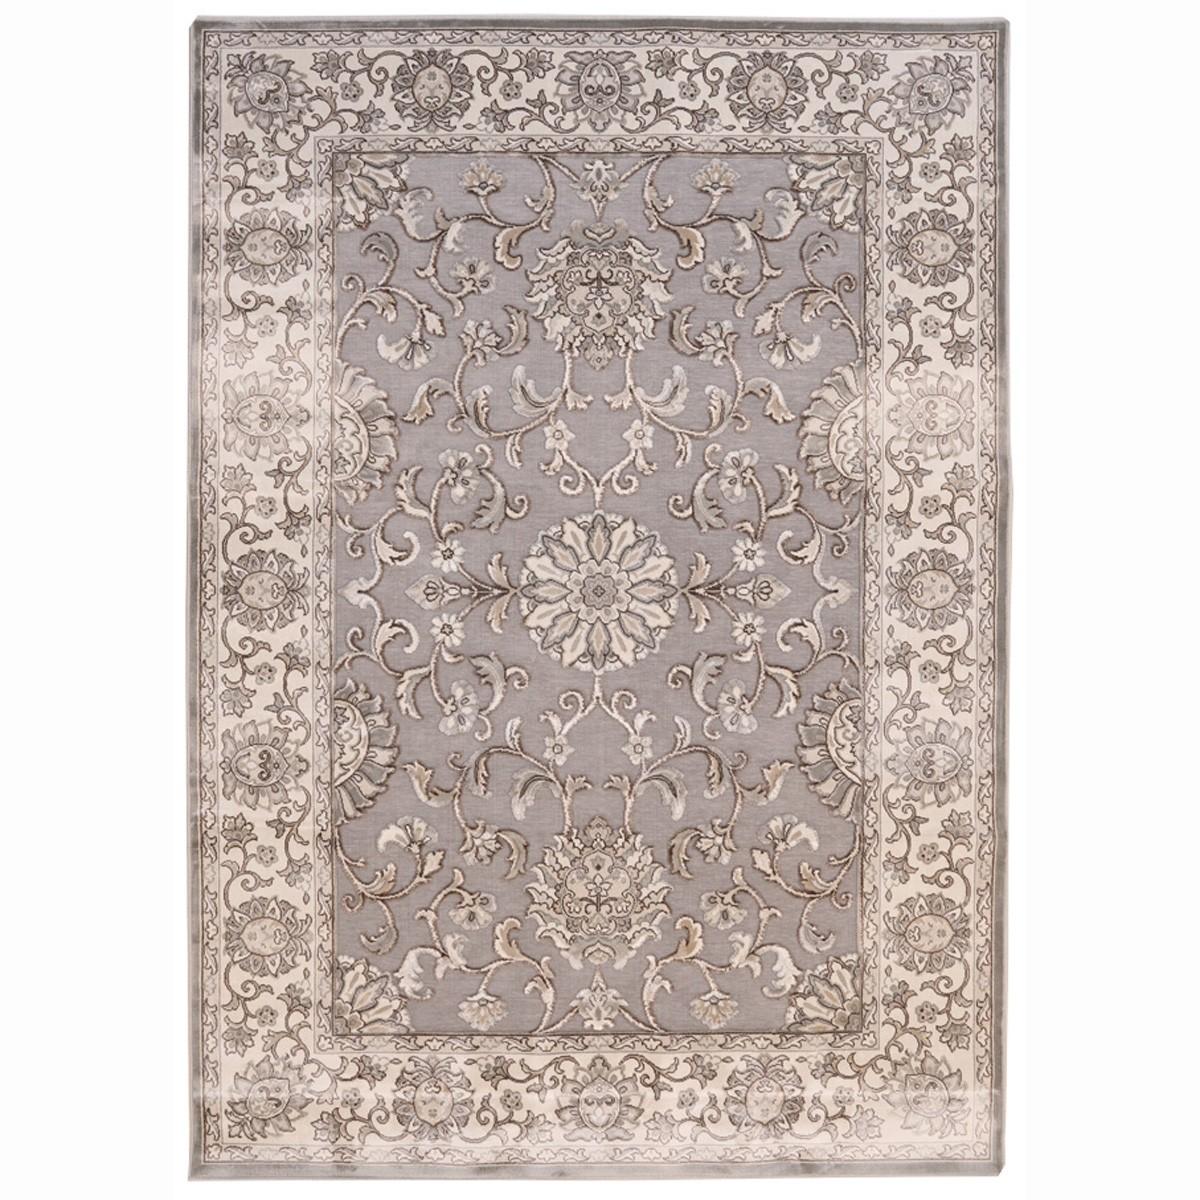 Χαλιά Κρεβατοκάμαρας (Σετ 3τμχ) Royal Carpets Tiffany 939 Blue home   χαλιά   χαλιά κρεβατοκάμαρας